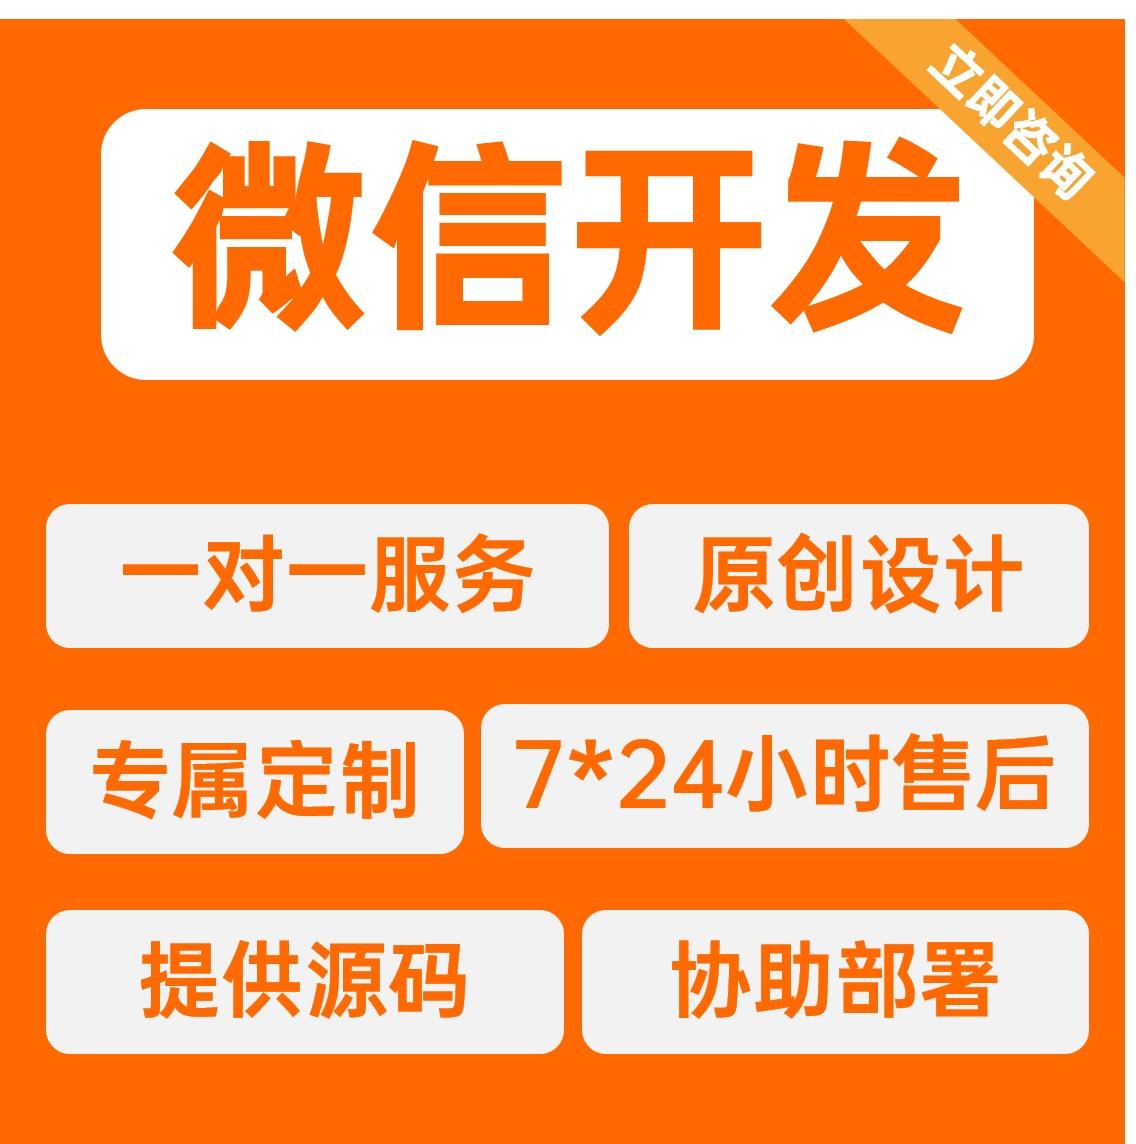 微商城微活动微营销微报名微分销微传单微官网服务号公众号开发